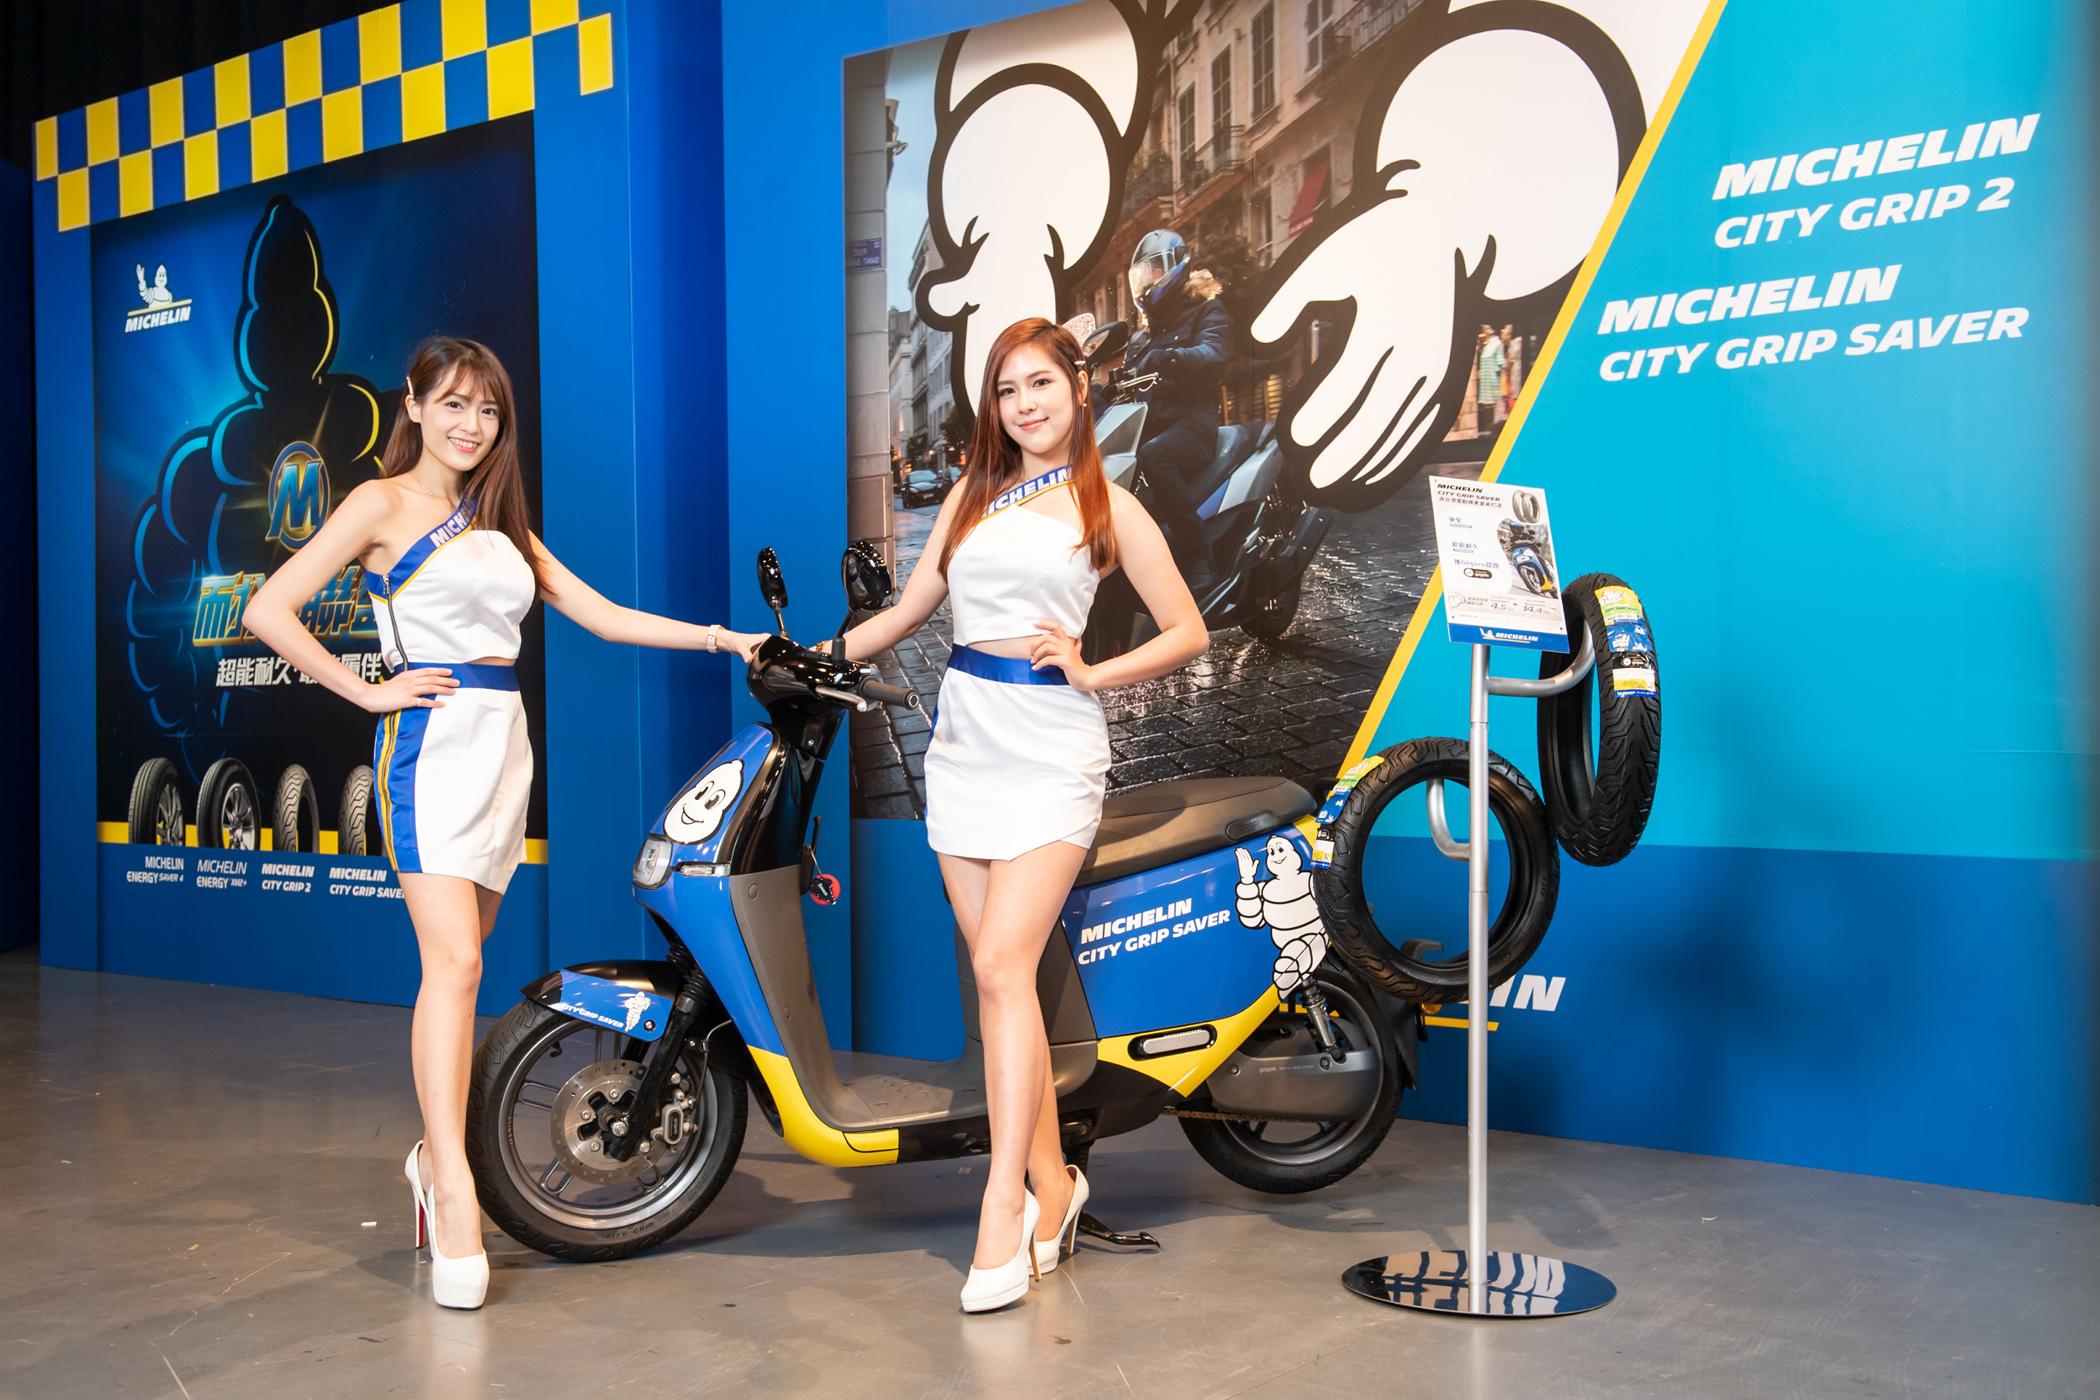 City Grip Saver 經米其林法國 LADOUX 研發中心與台灣車輛研究測試中心 (ARTC) 實車測試,皆交出較他型號輪胎更優異的成績。.jpg